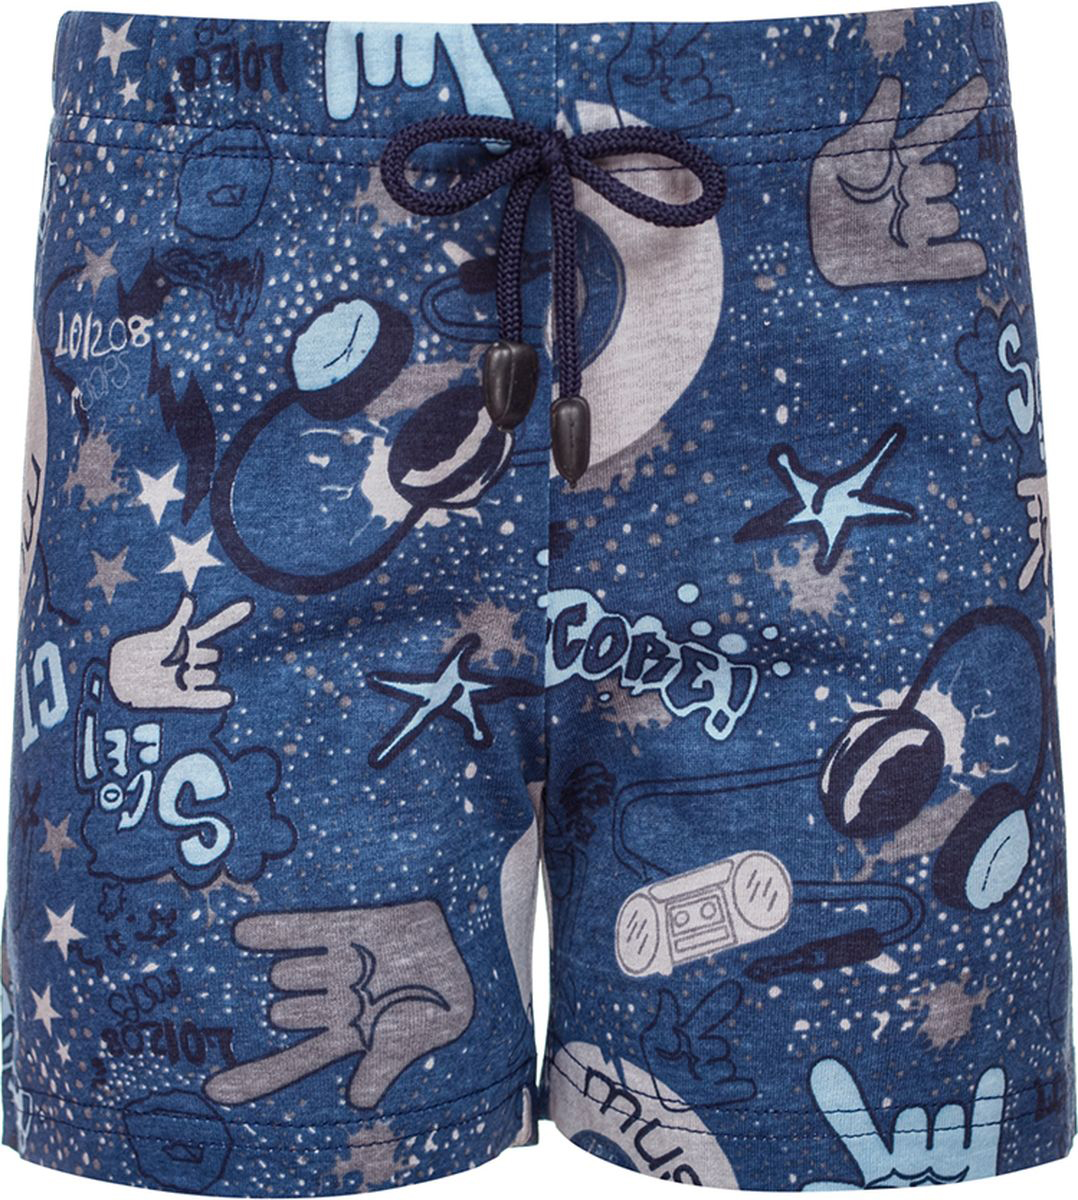 Шорты для мальчика M&D, цвет: серо-голубой. 182170402_76. Размер 116182170402_76Шорты для мальчика от M&D из набивного трикотажного полотна, короткие, прямого силуэта. Пояс на резинке, с декоративным шнурком - имитация завязки.